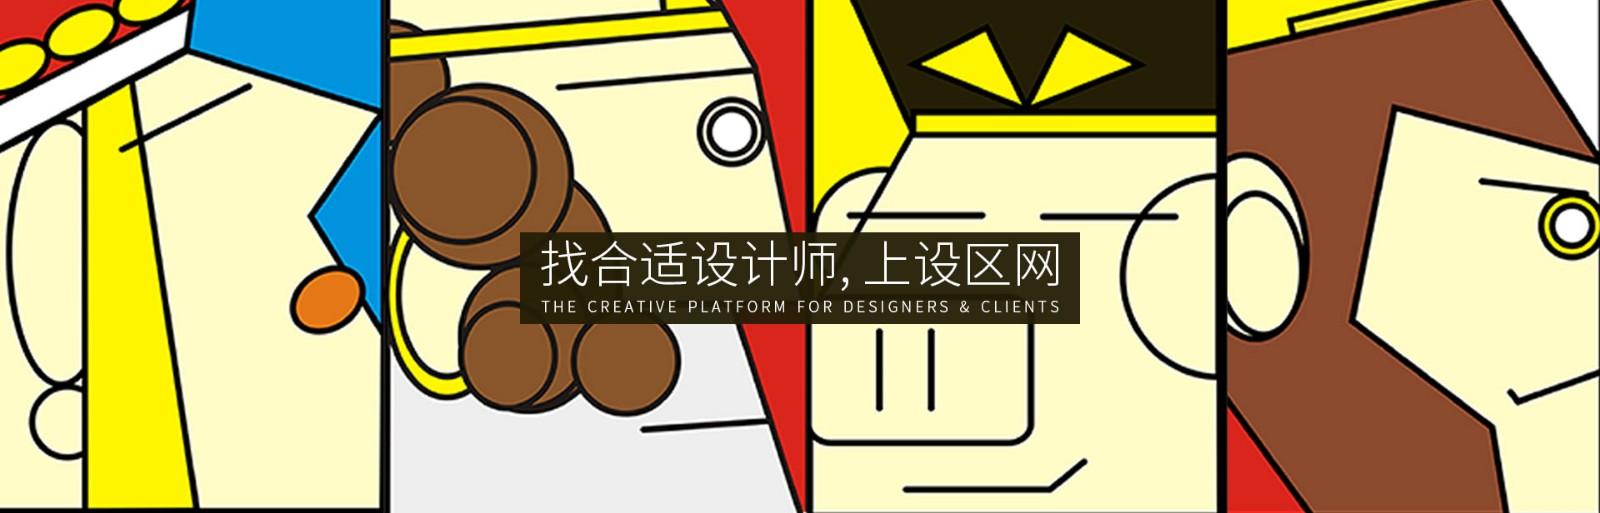 自始至终追 求品牌设计的高端品质 座右铭:用设计记录生活 设区网个人